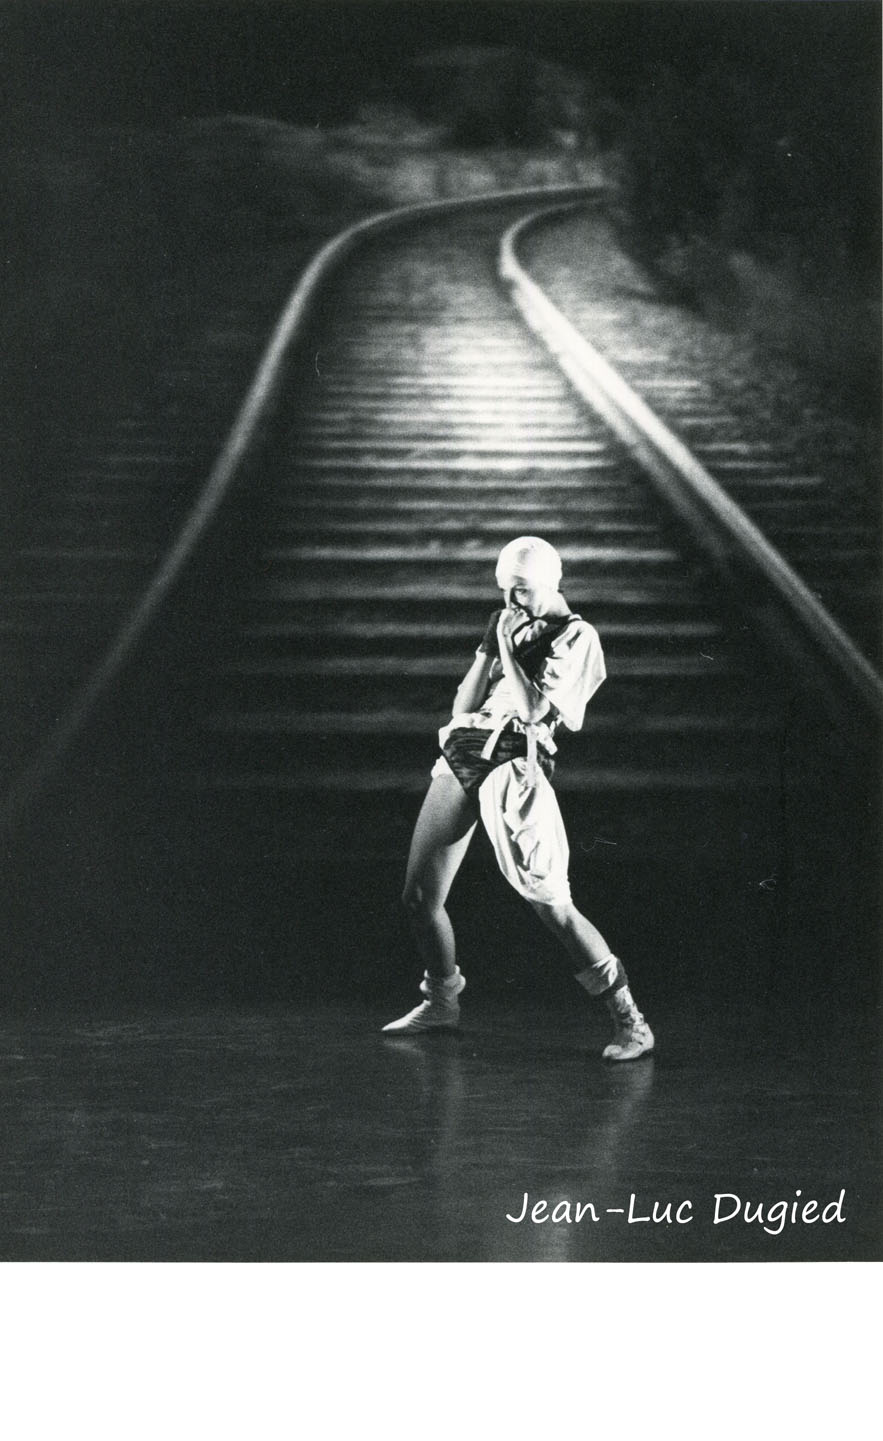 7 Chopinot Régine - Délices - Monet Robier - 1983